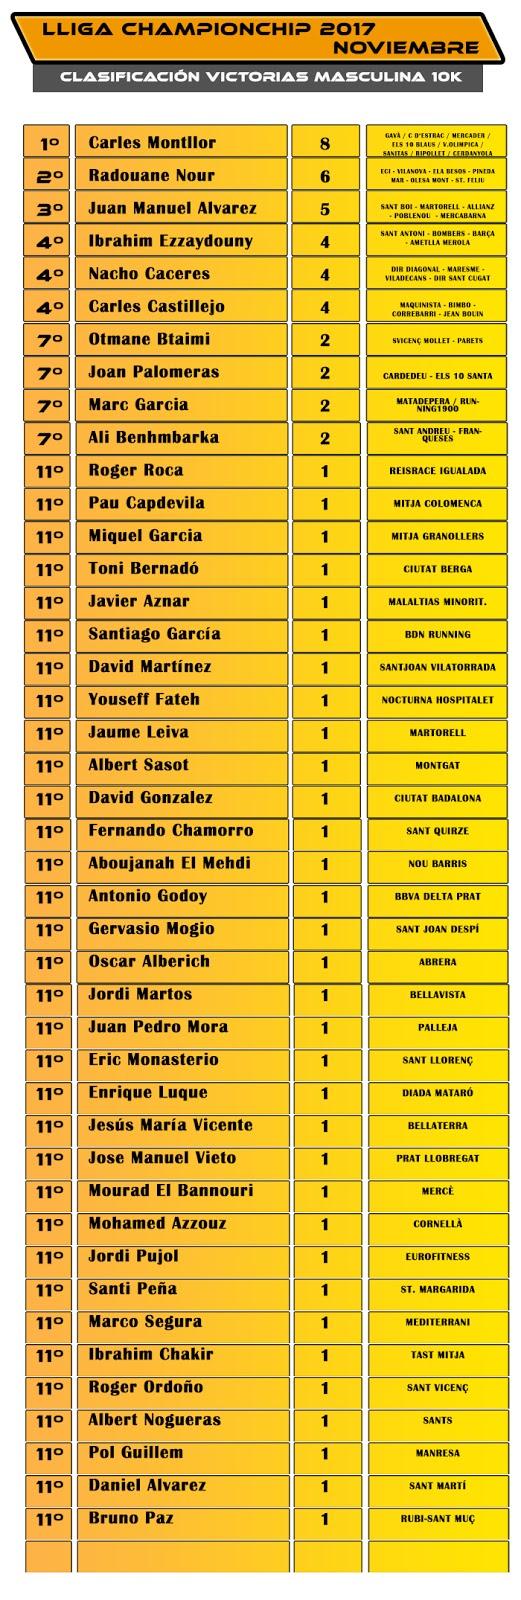 Clasificación Victorias 10k Masculina - Lliga Championchip 2017 Noviembre